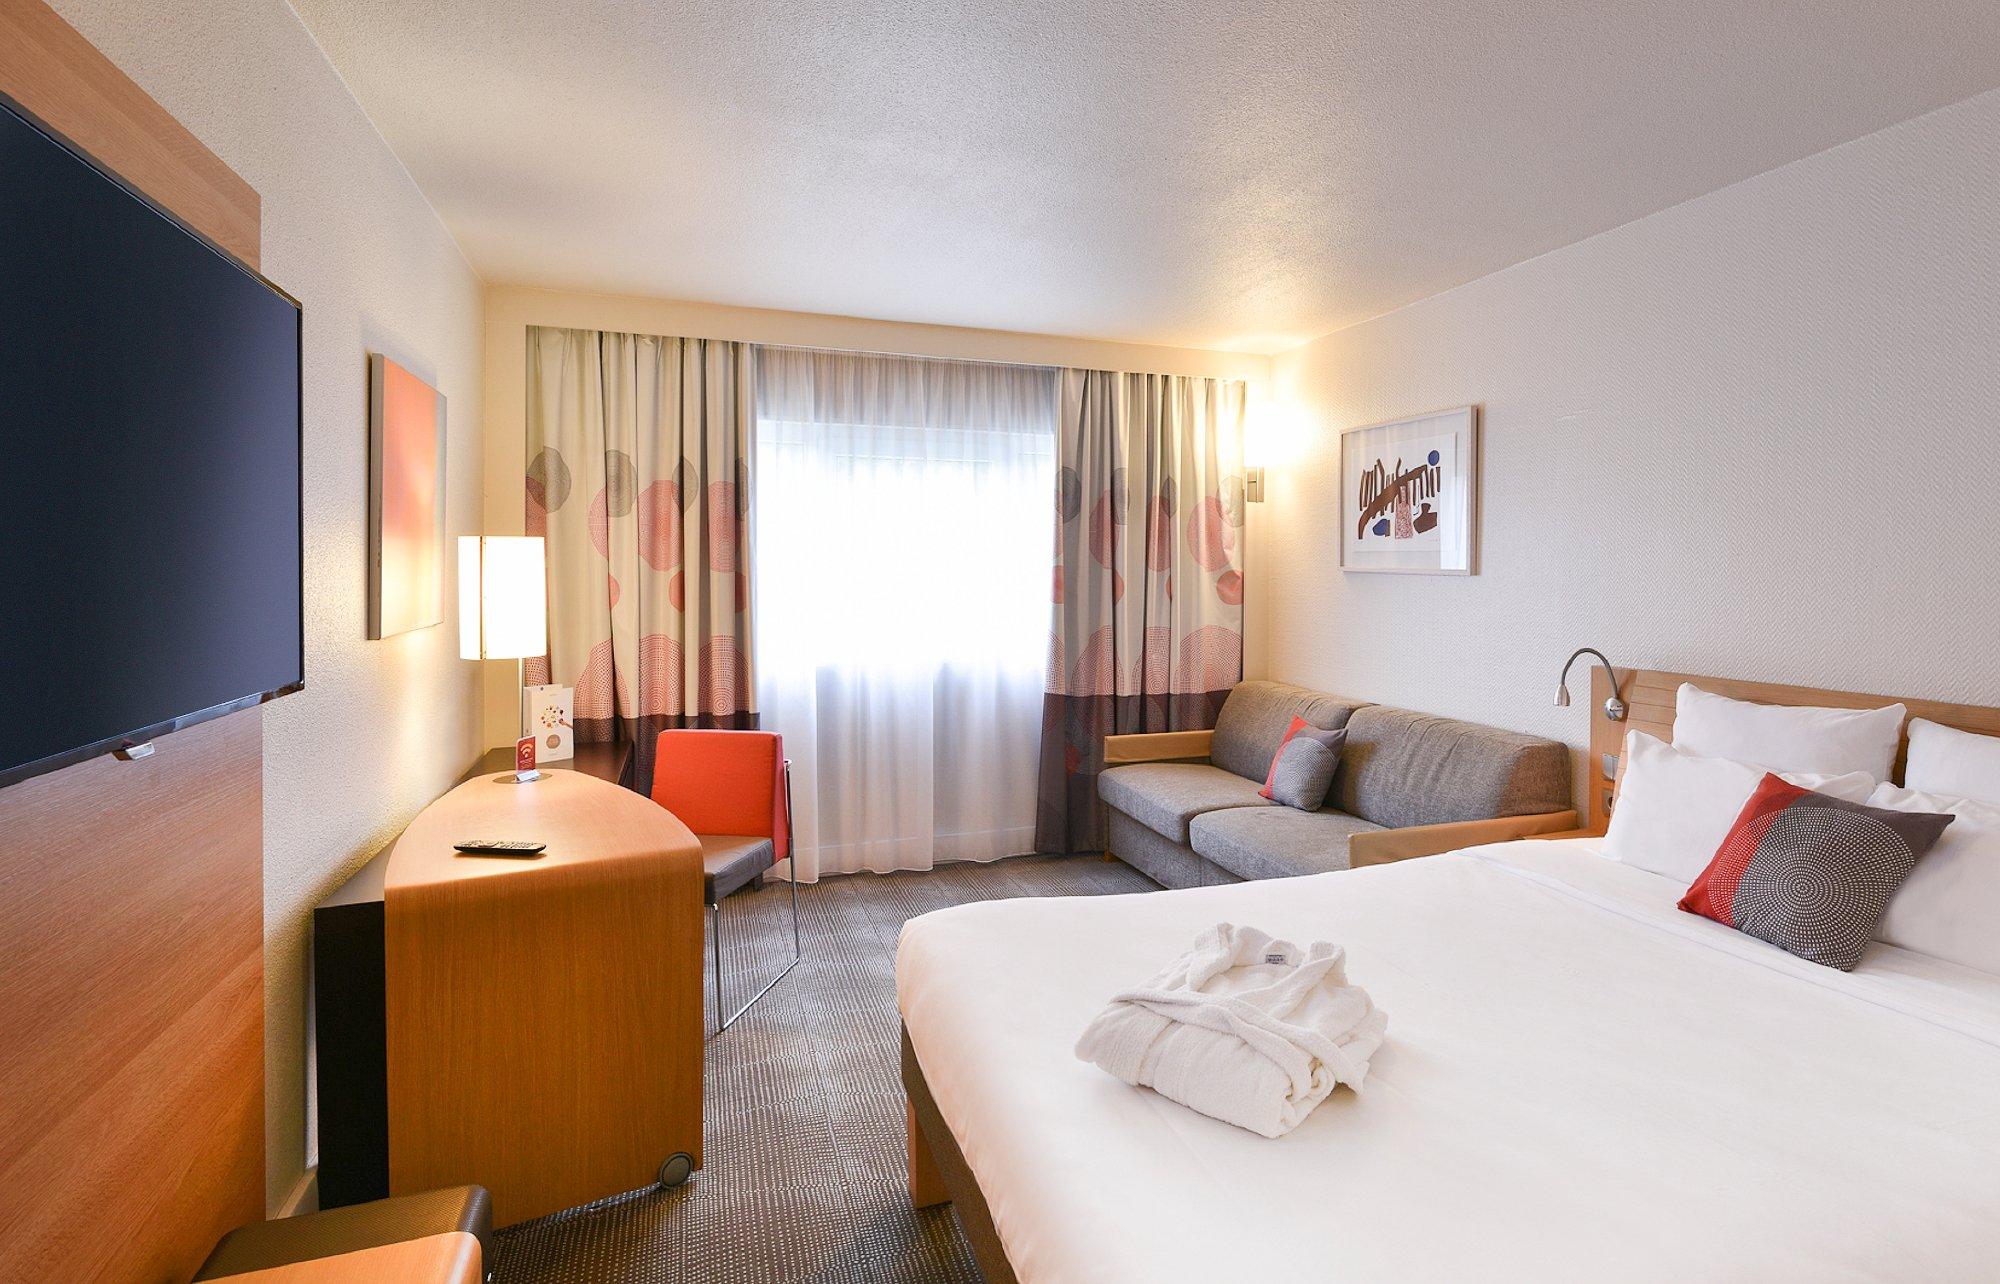 諾富特爾瓦利馬內飯店